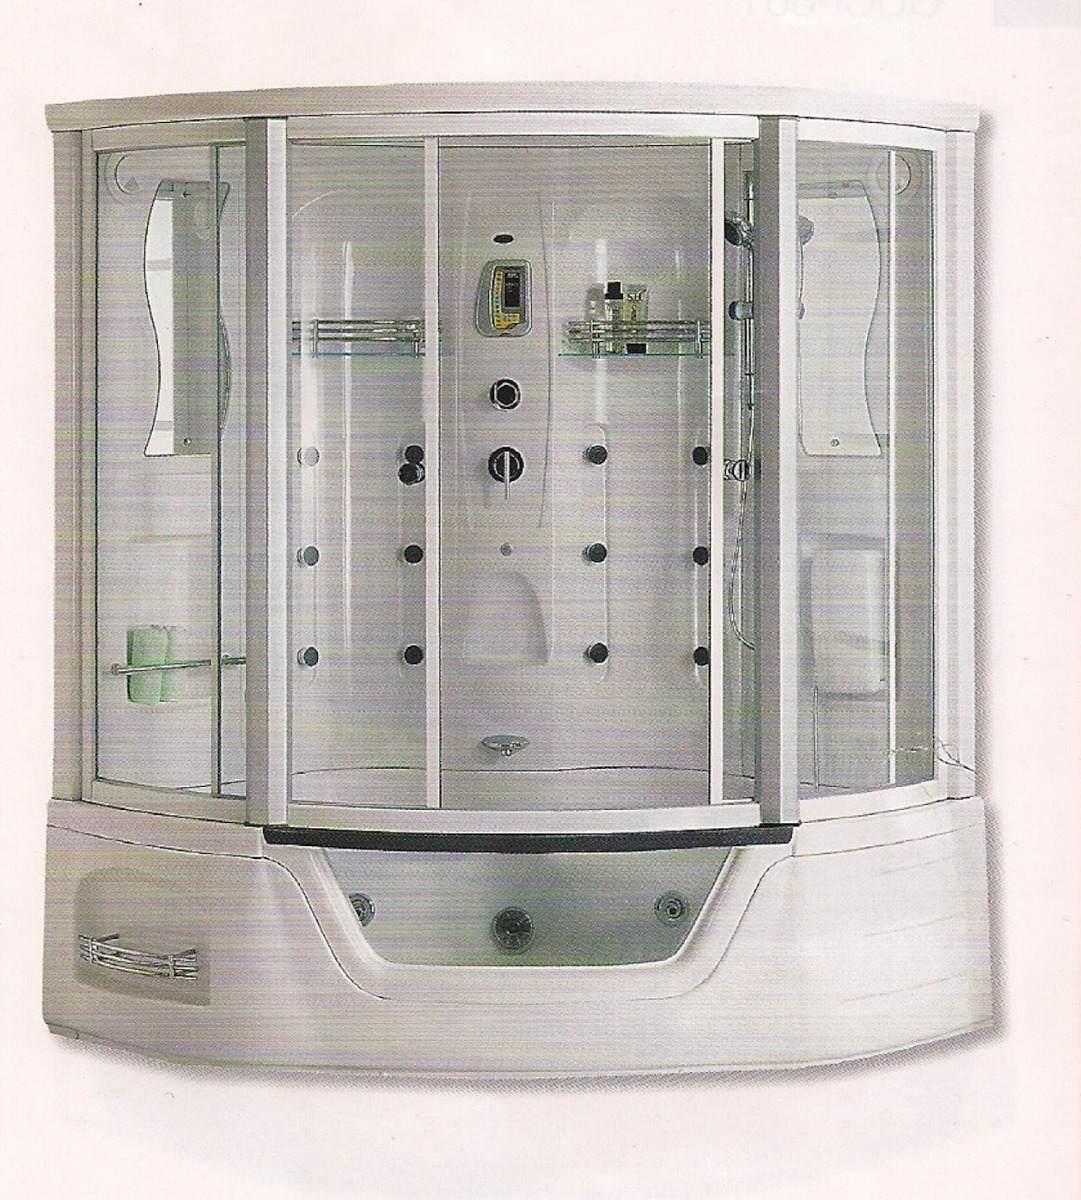 Cabina De Baño Con Tina:Cabina Para Baño Con Tina Cristal Templado Y Cancel Aluminio Pictures